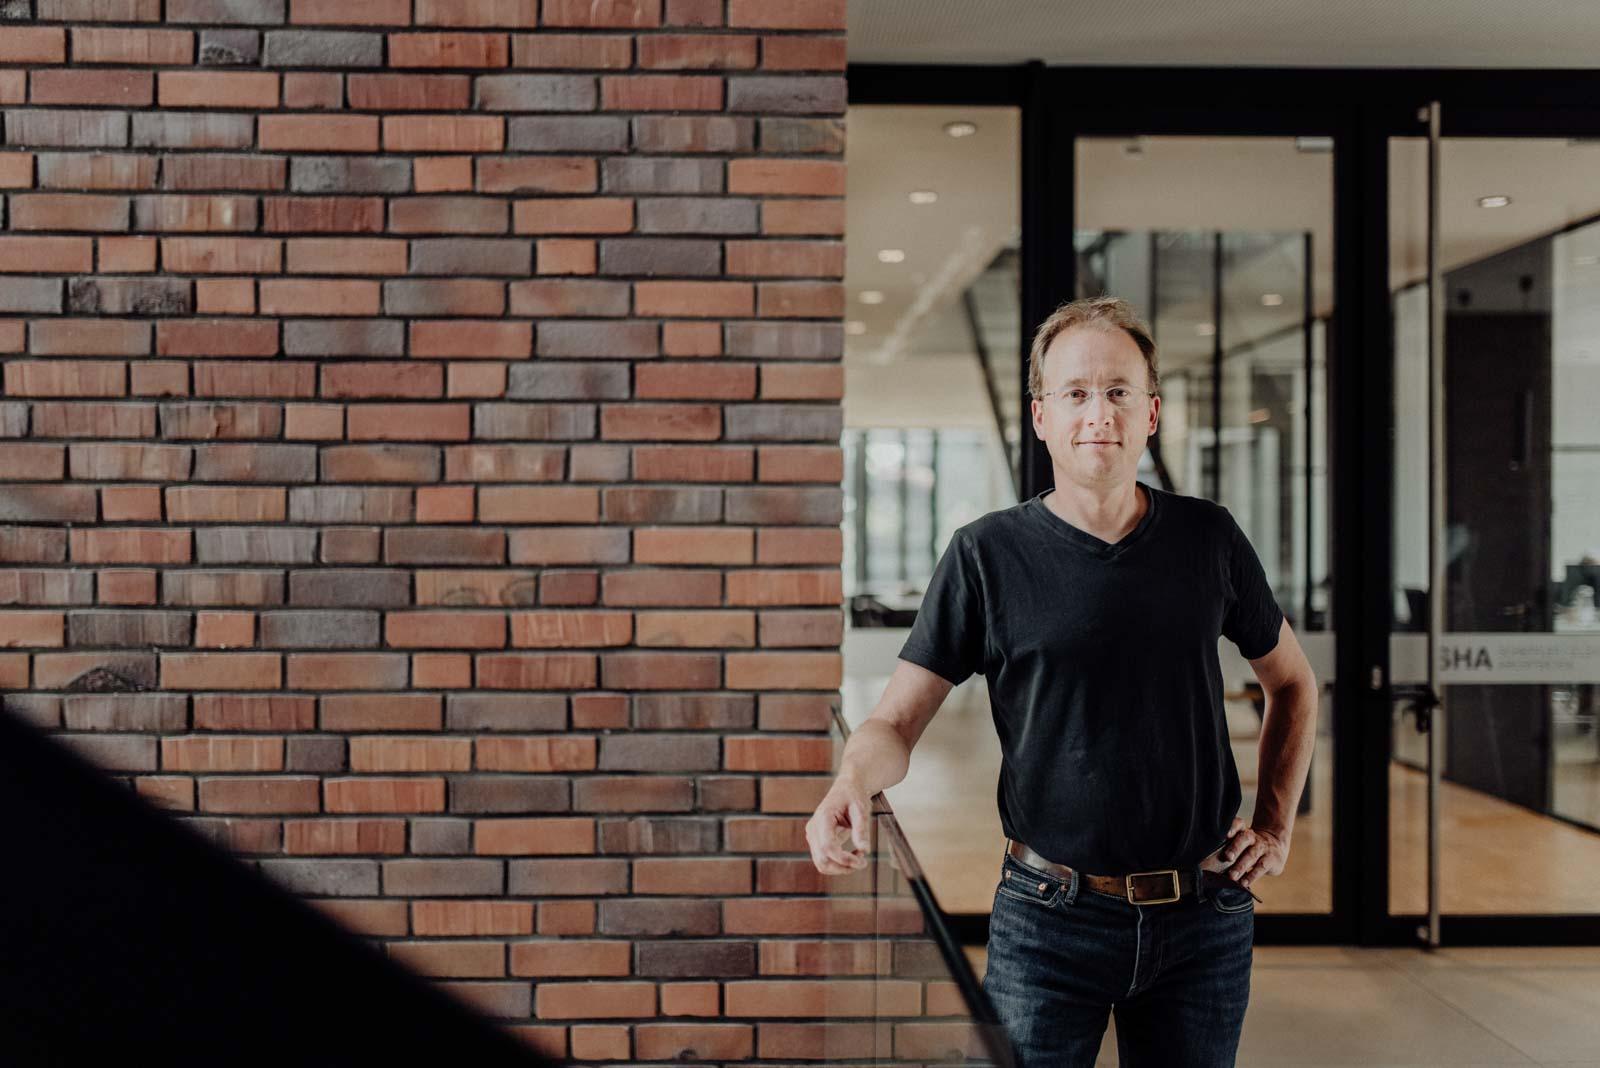 Mitarbeiterportrait Architekturbuero Dortmund